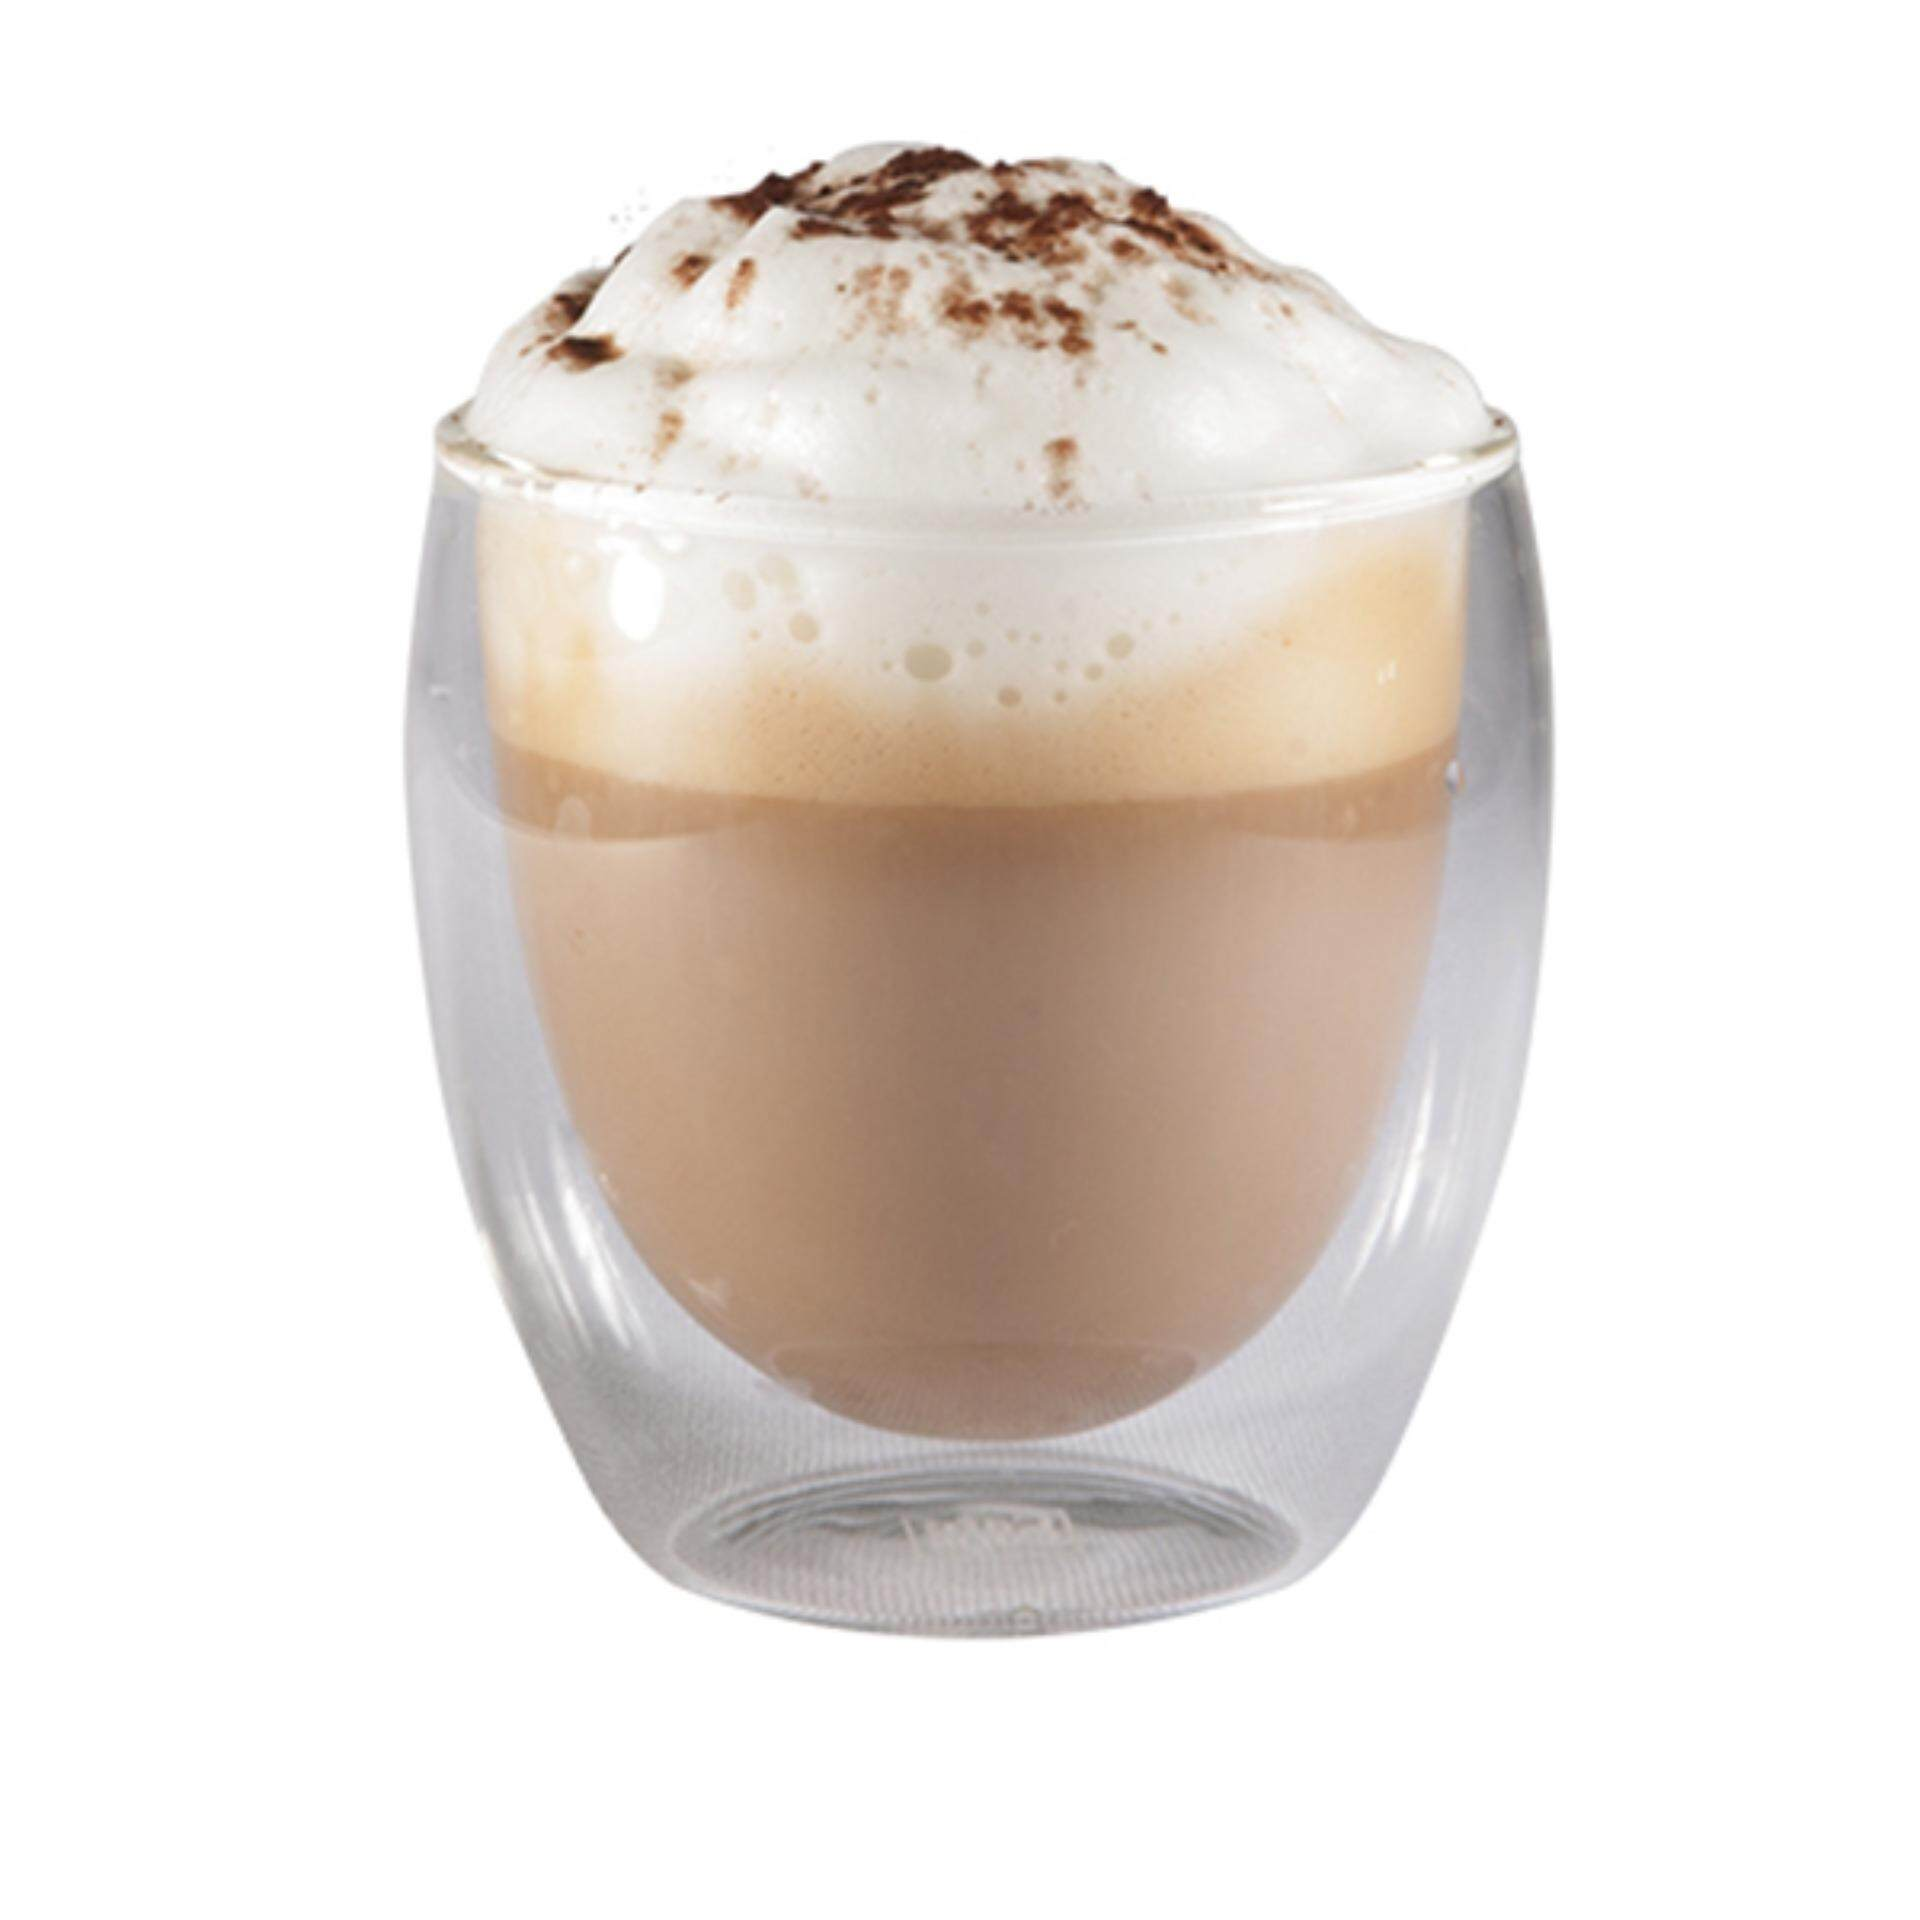 ราคา Cafecaps Cups250 ถ้วยกาแฟดับเบิ้ลวอลล์ เซ็ท 4 ใบ เป็นต้นฉบับ